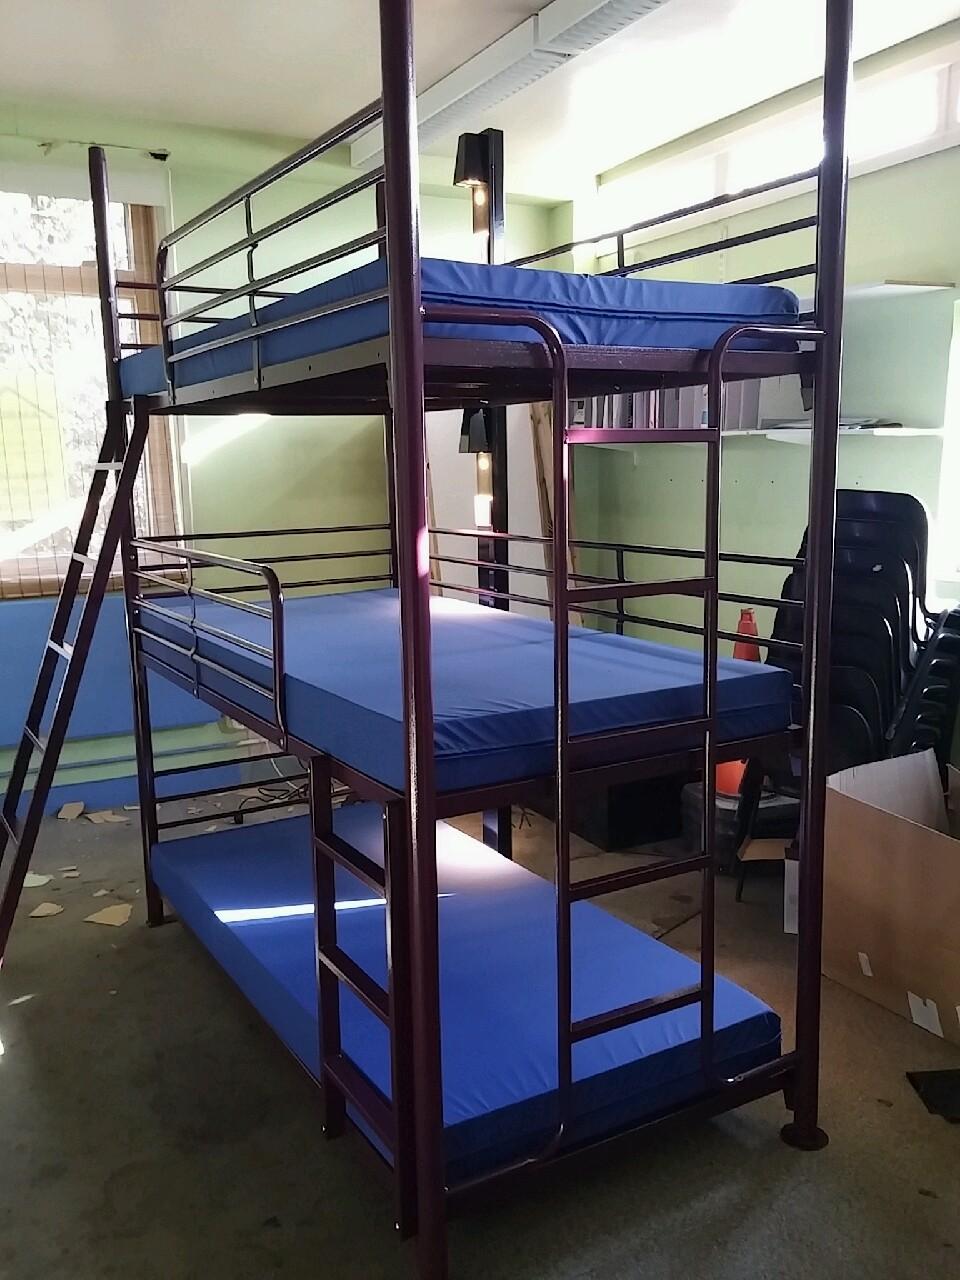 Hostel triple bunk.JPG